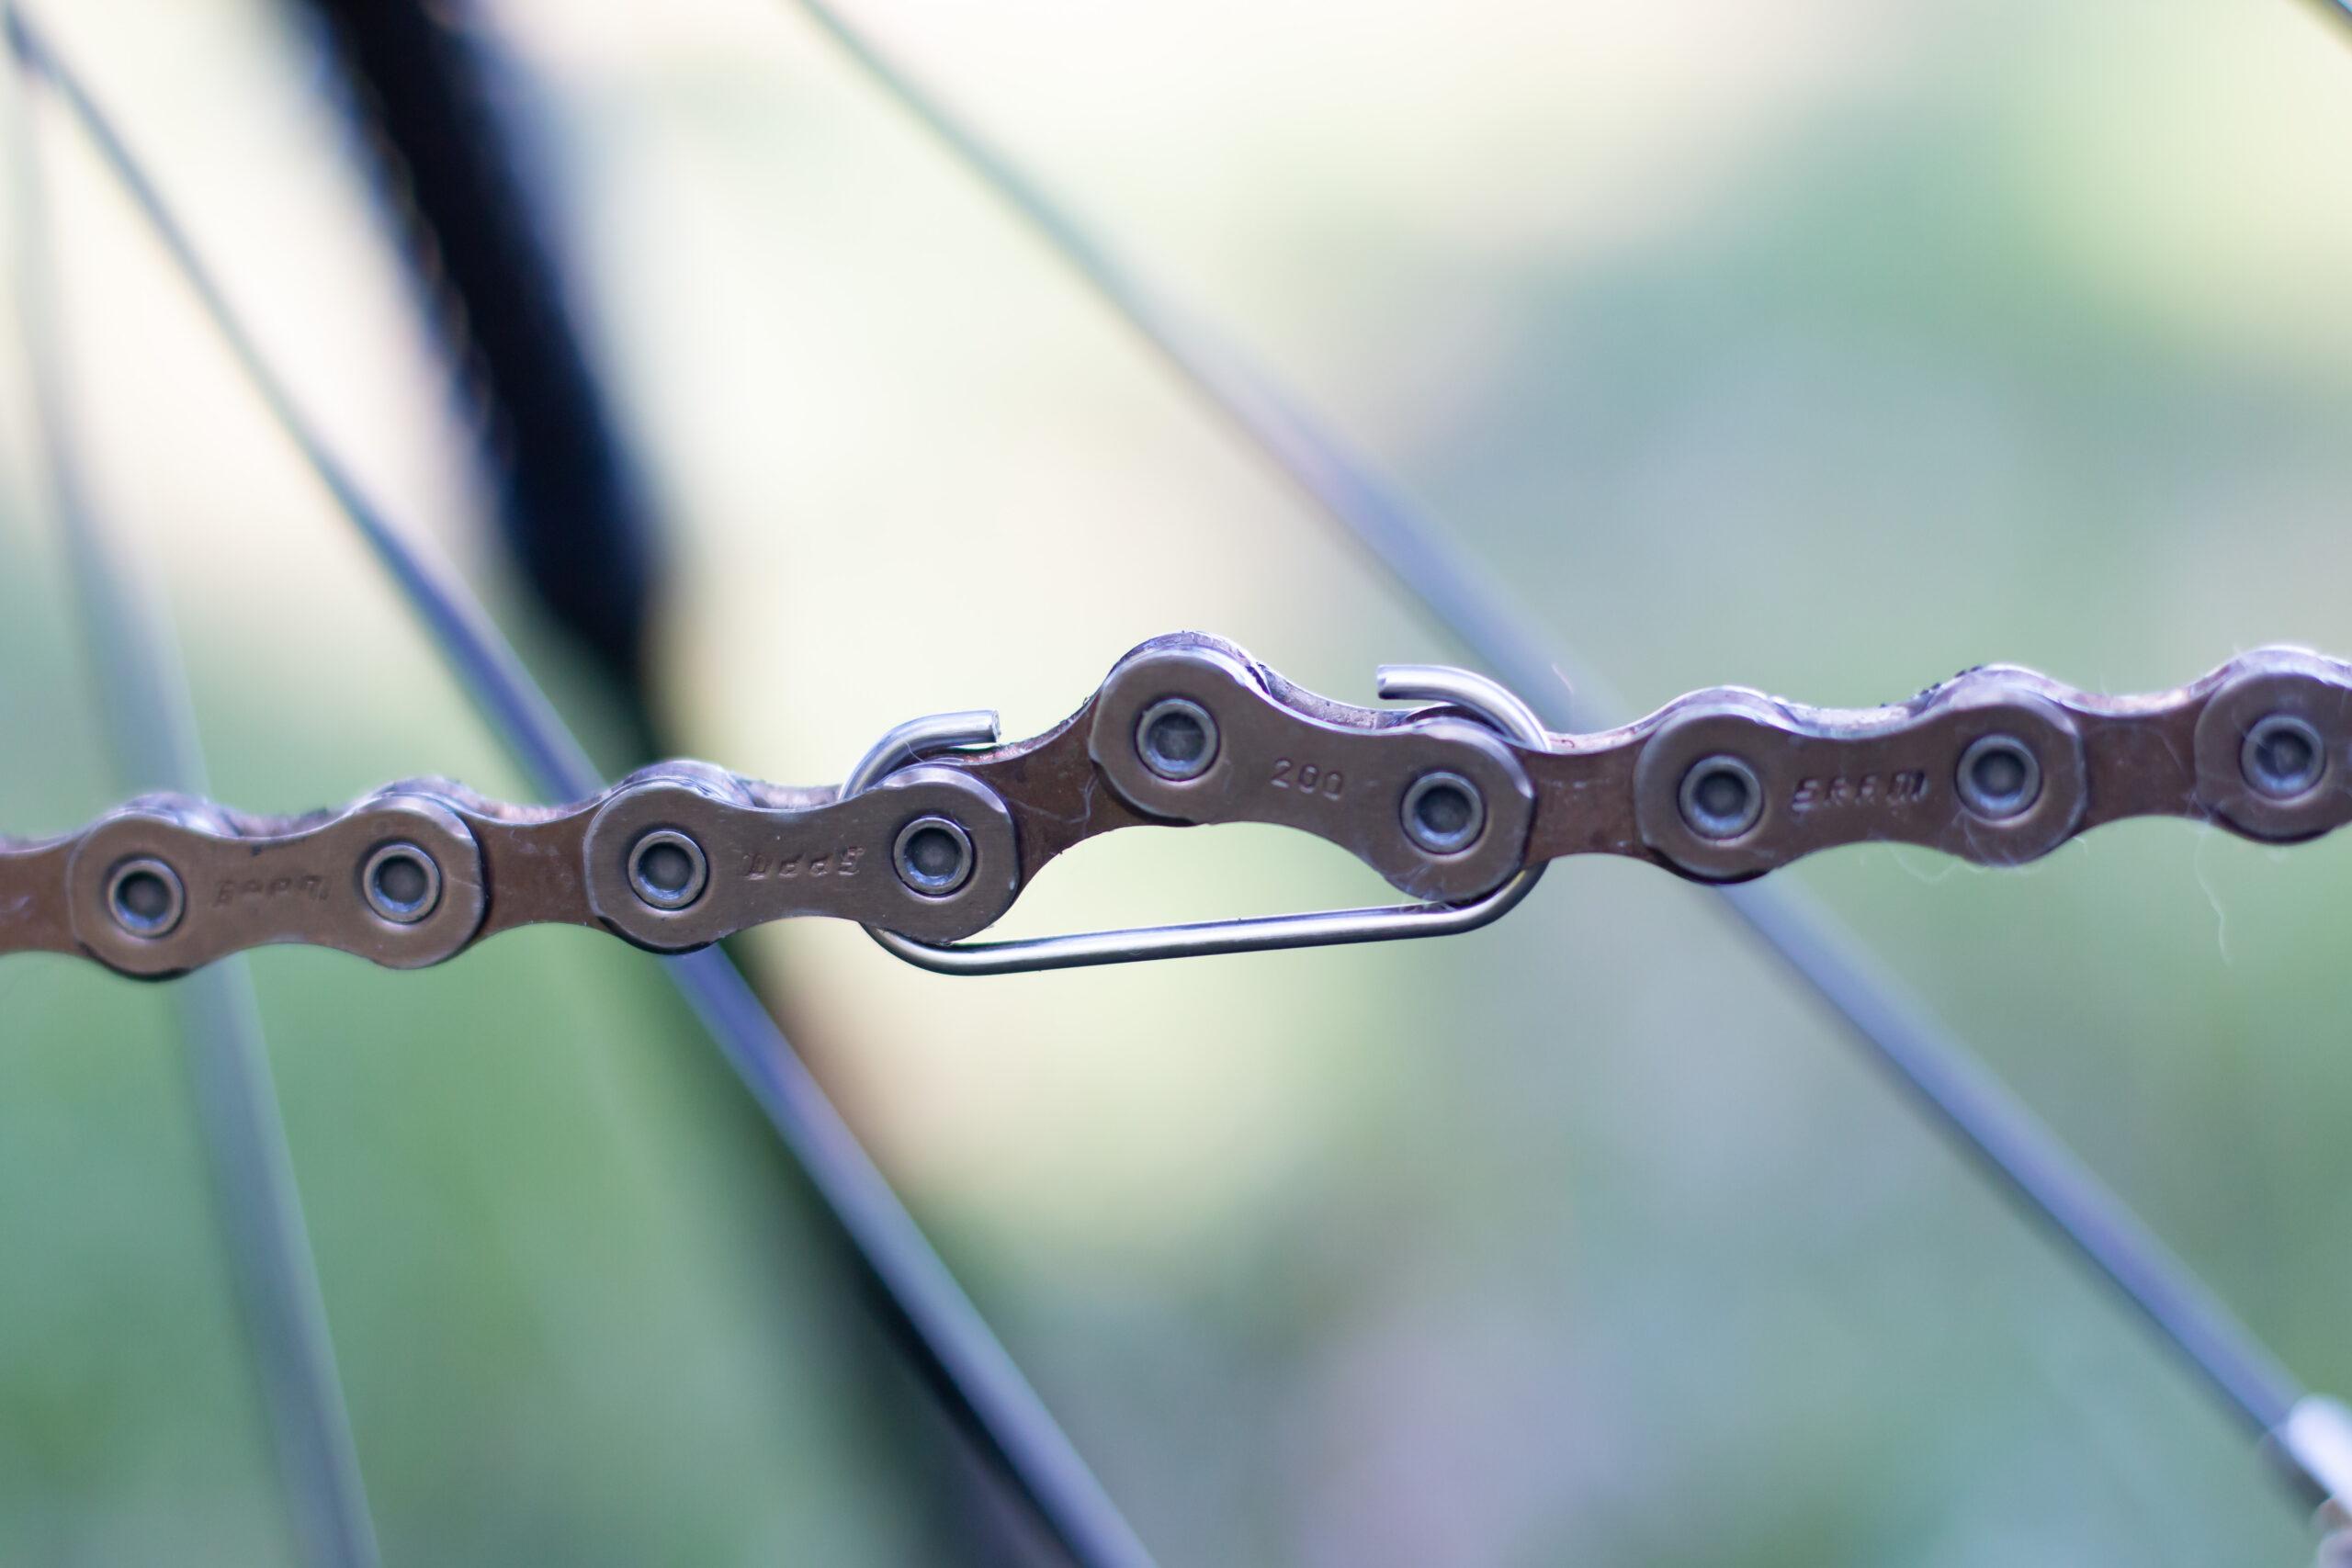 20210330 122239 00322 scaled - Wie öffne ich die Kette an meinem Fahrrad?